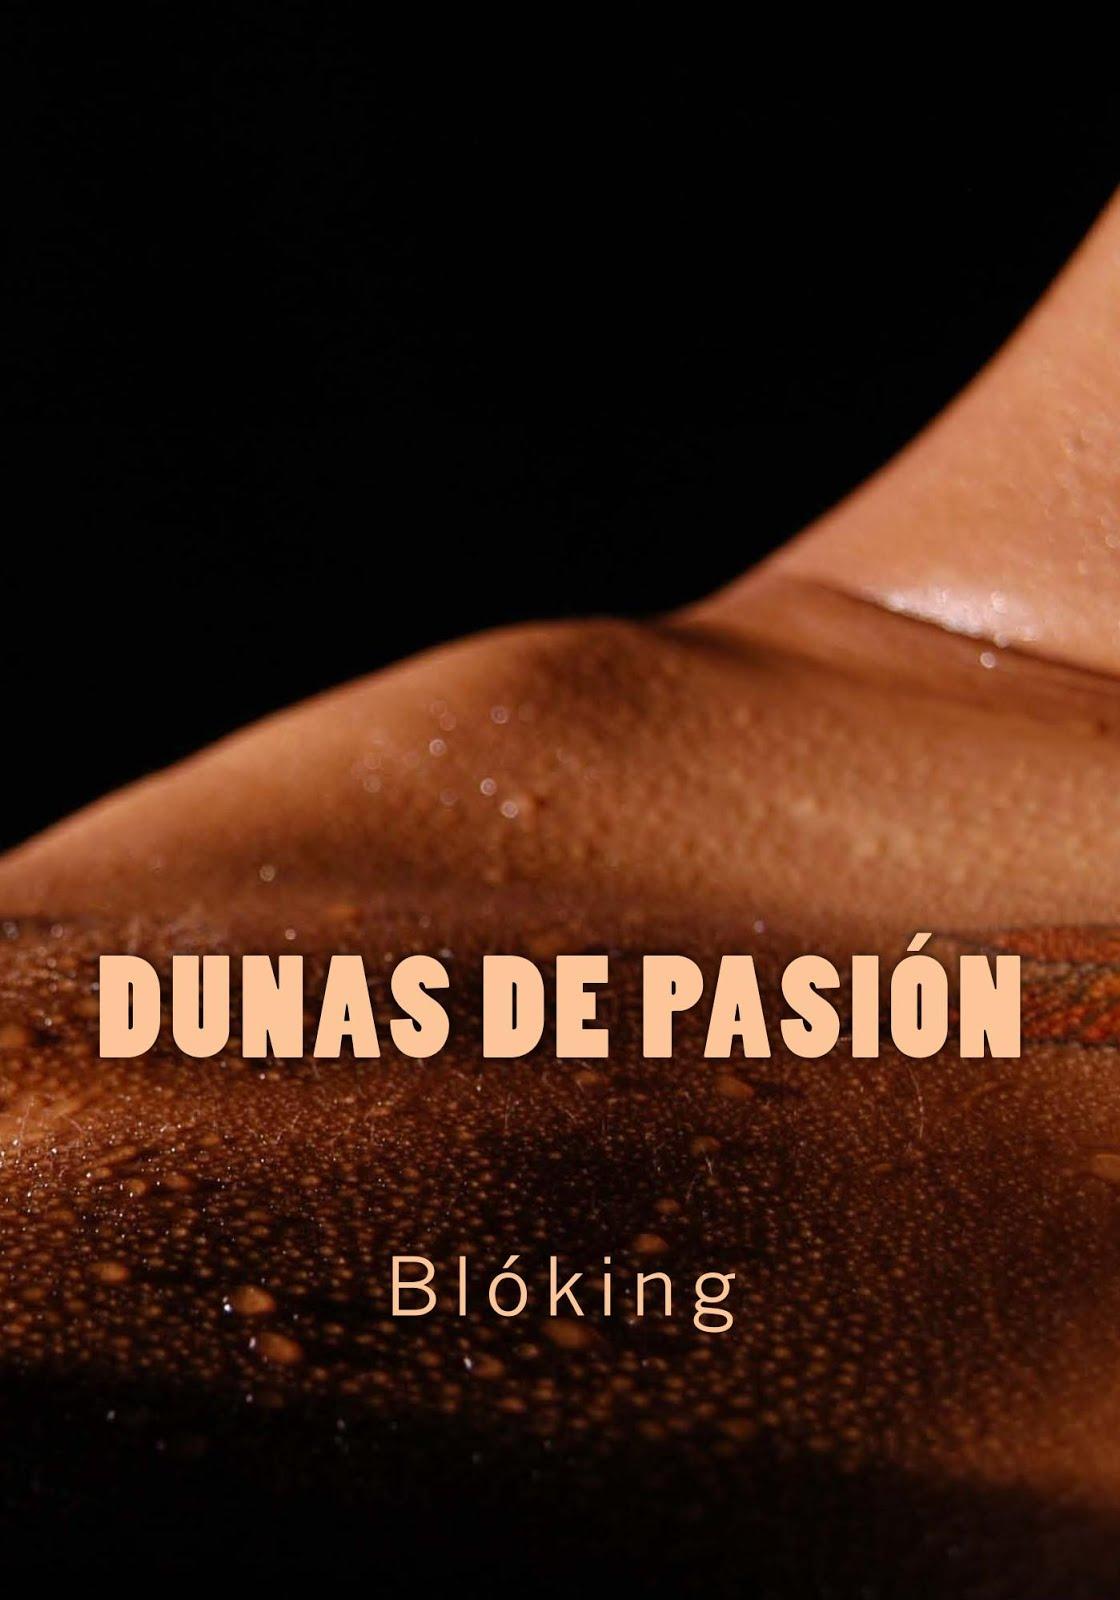 #Obra 27 - Dunas de pasión